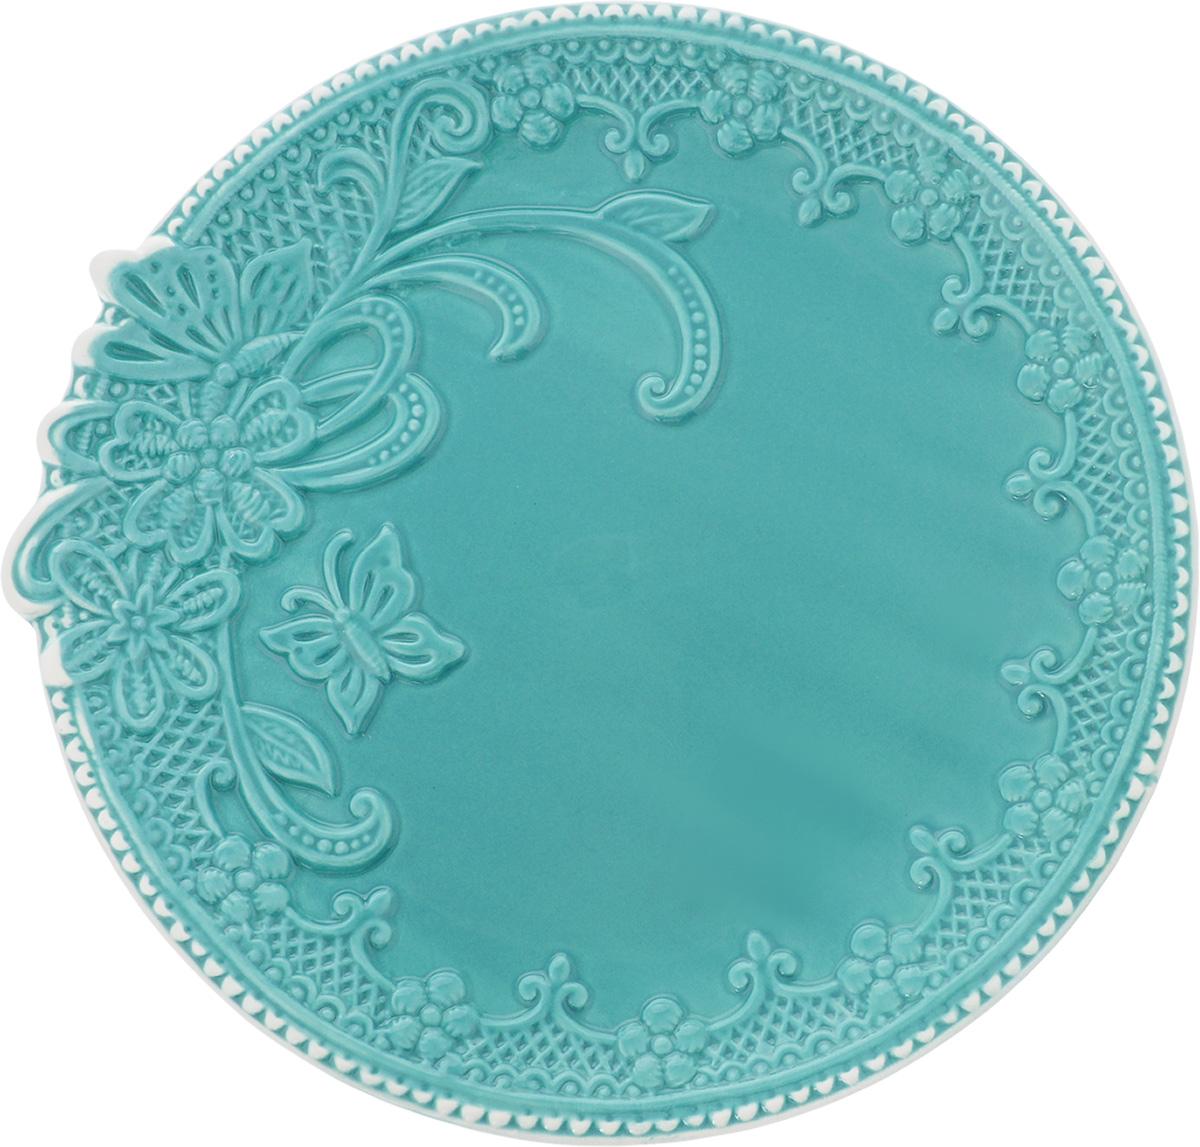 Блюдо Azur, цвет: бирюзовый, белый, диаметр 26 см216673Блюдо Azur выполнено из качественной керамики и оформлено рельефным узором. Блюдо Azur доставит истинное удовольствие ценителям прекрасного. Яркий дизайн, несомненно, придется вам по вкусу.